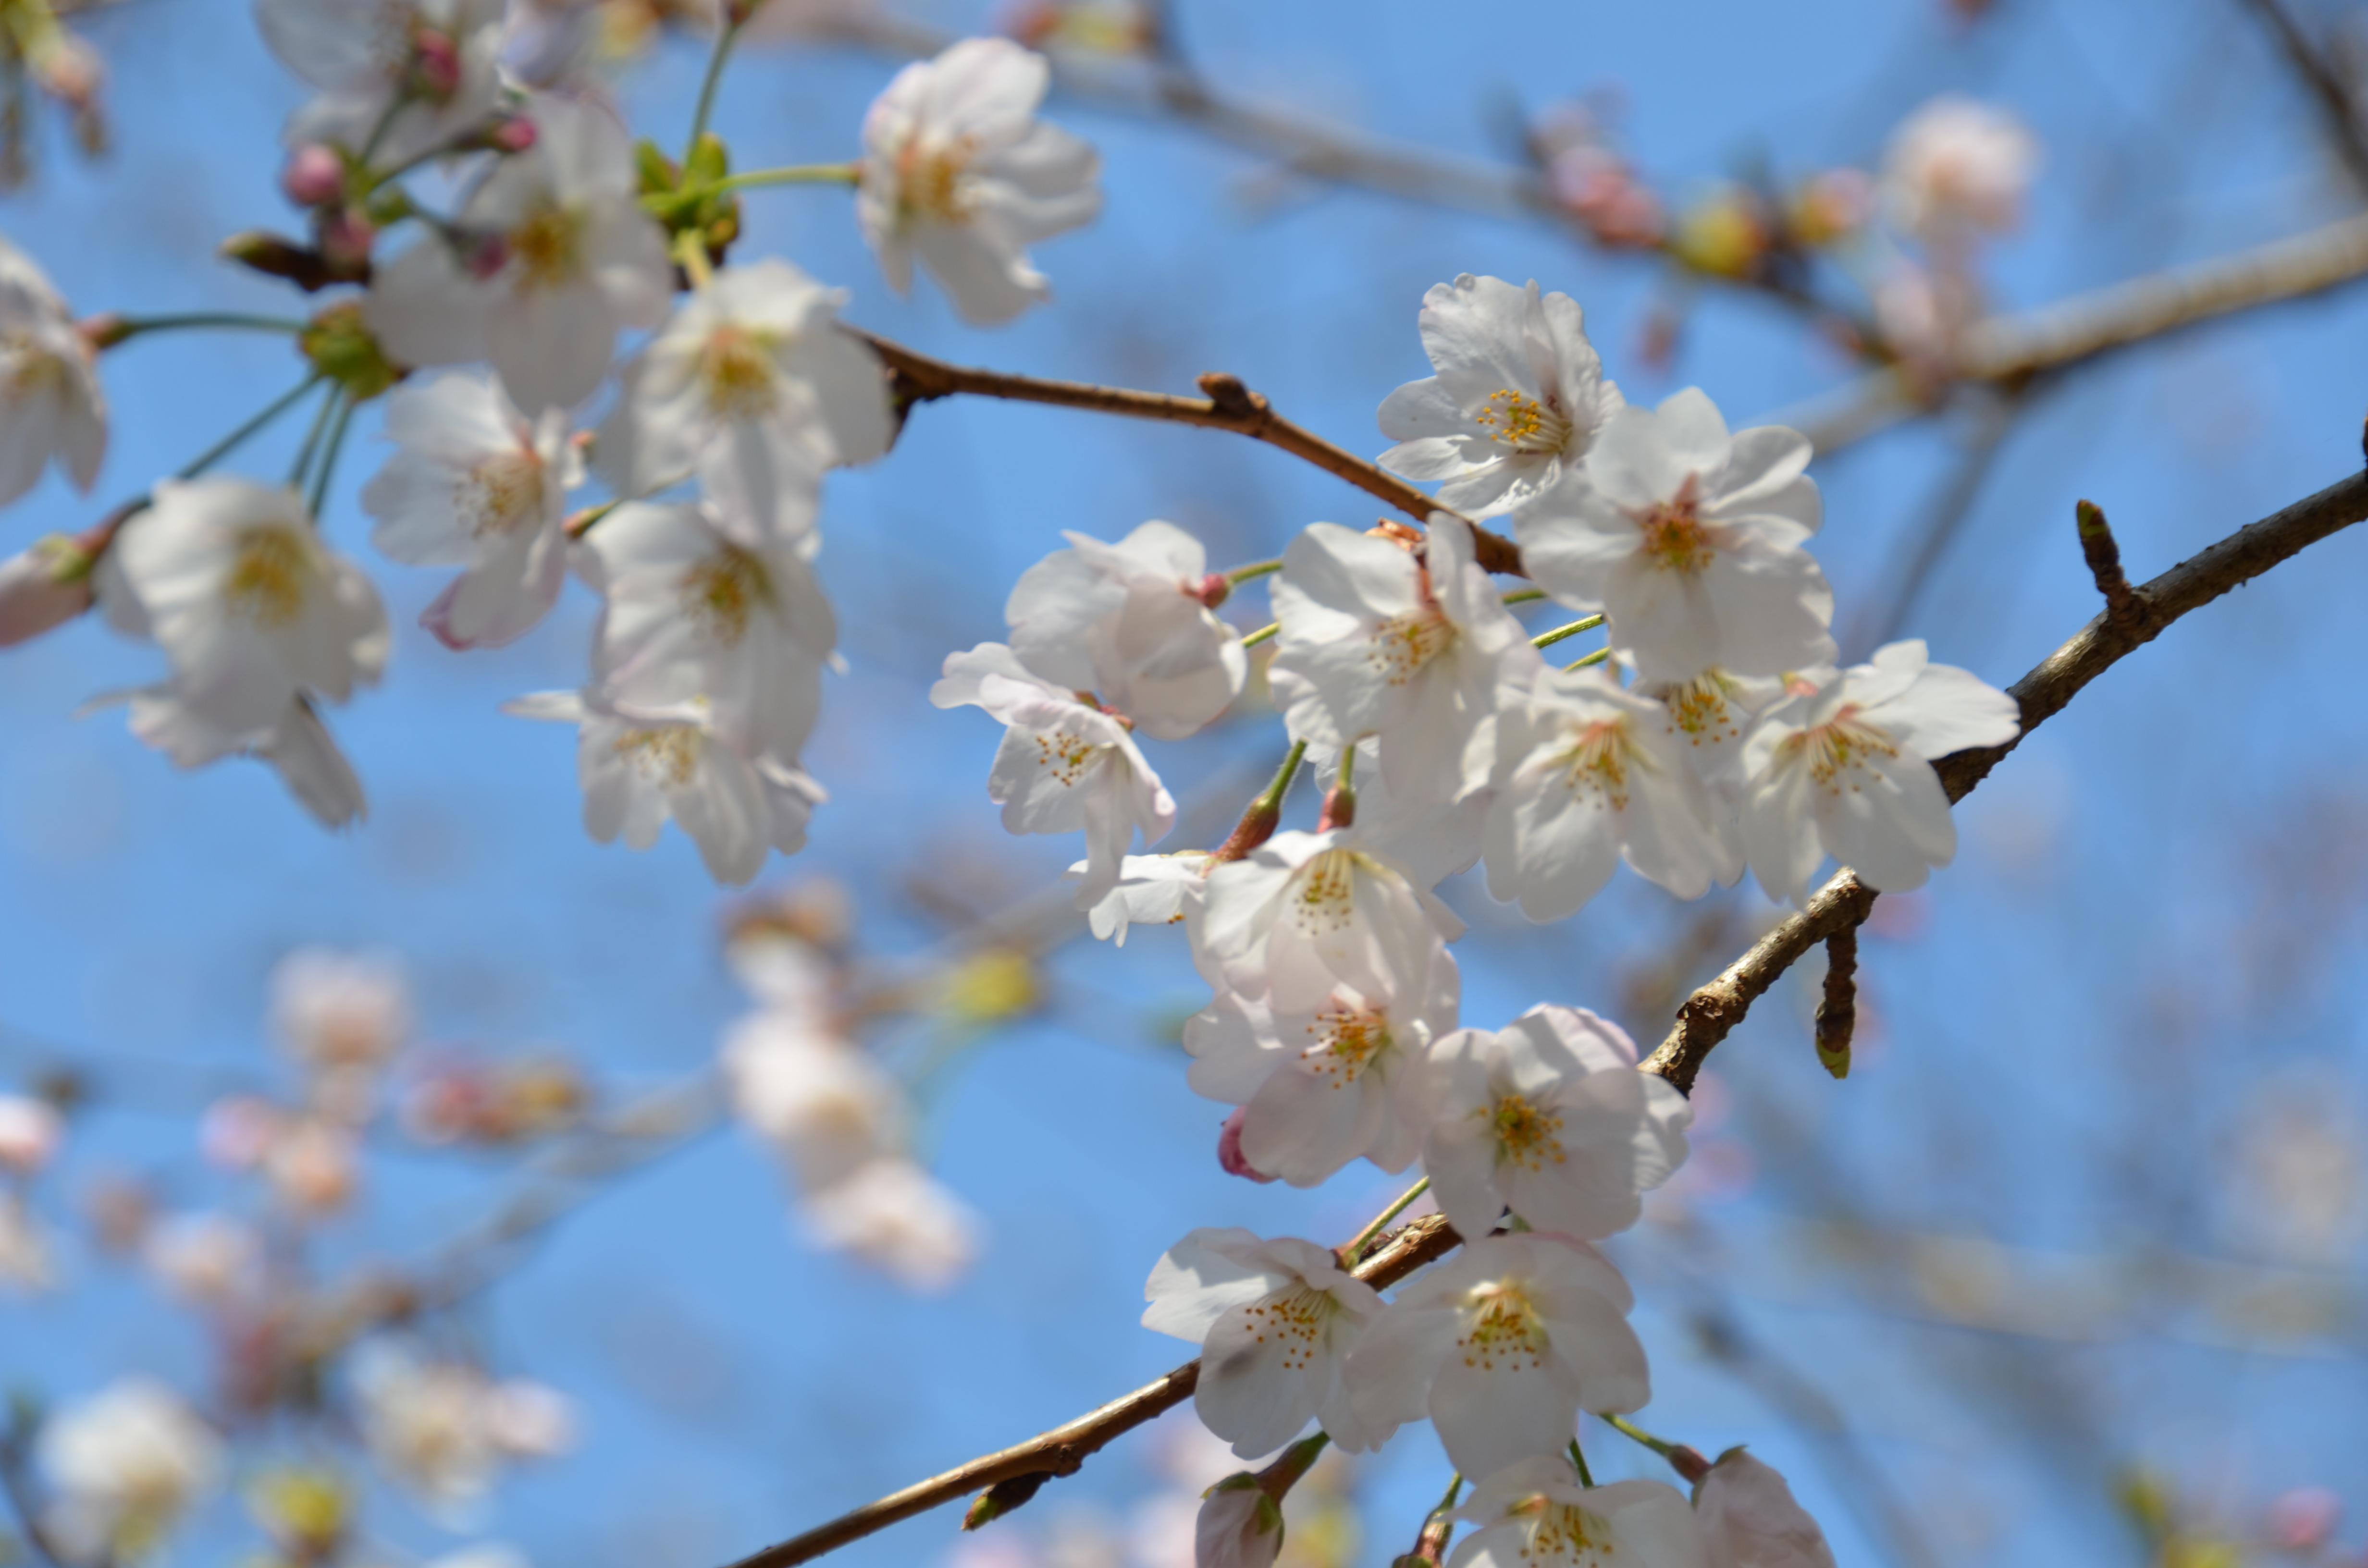 4/4(火)松崎町ソメイヨシノ開花状況です。